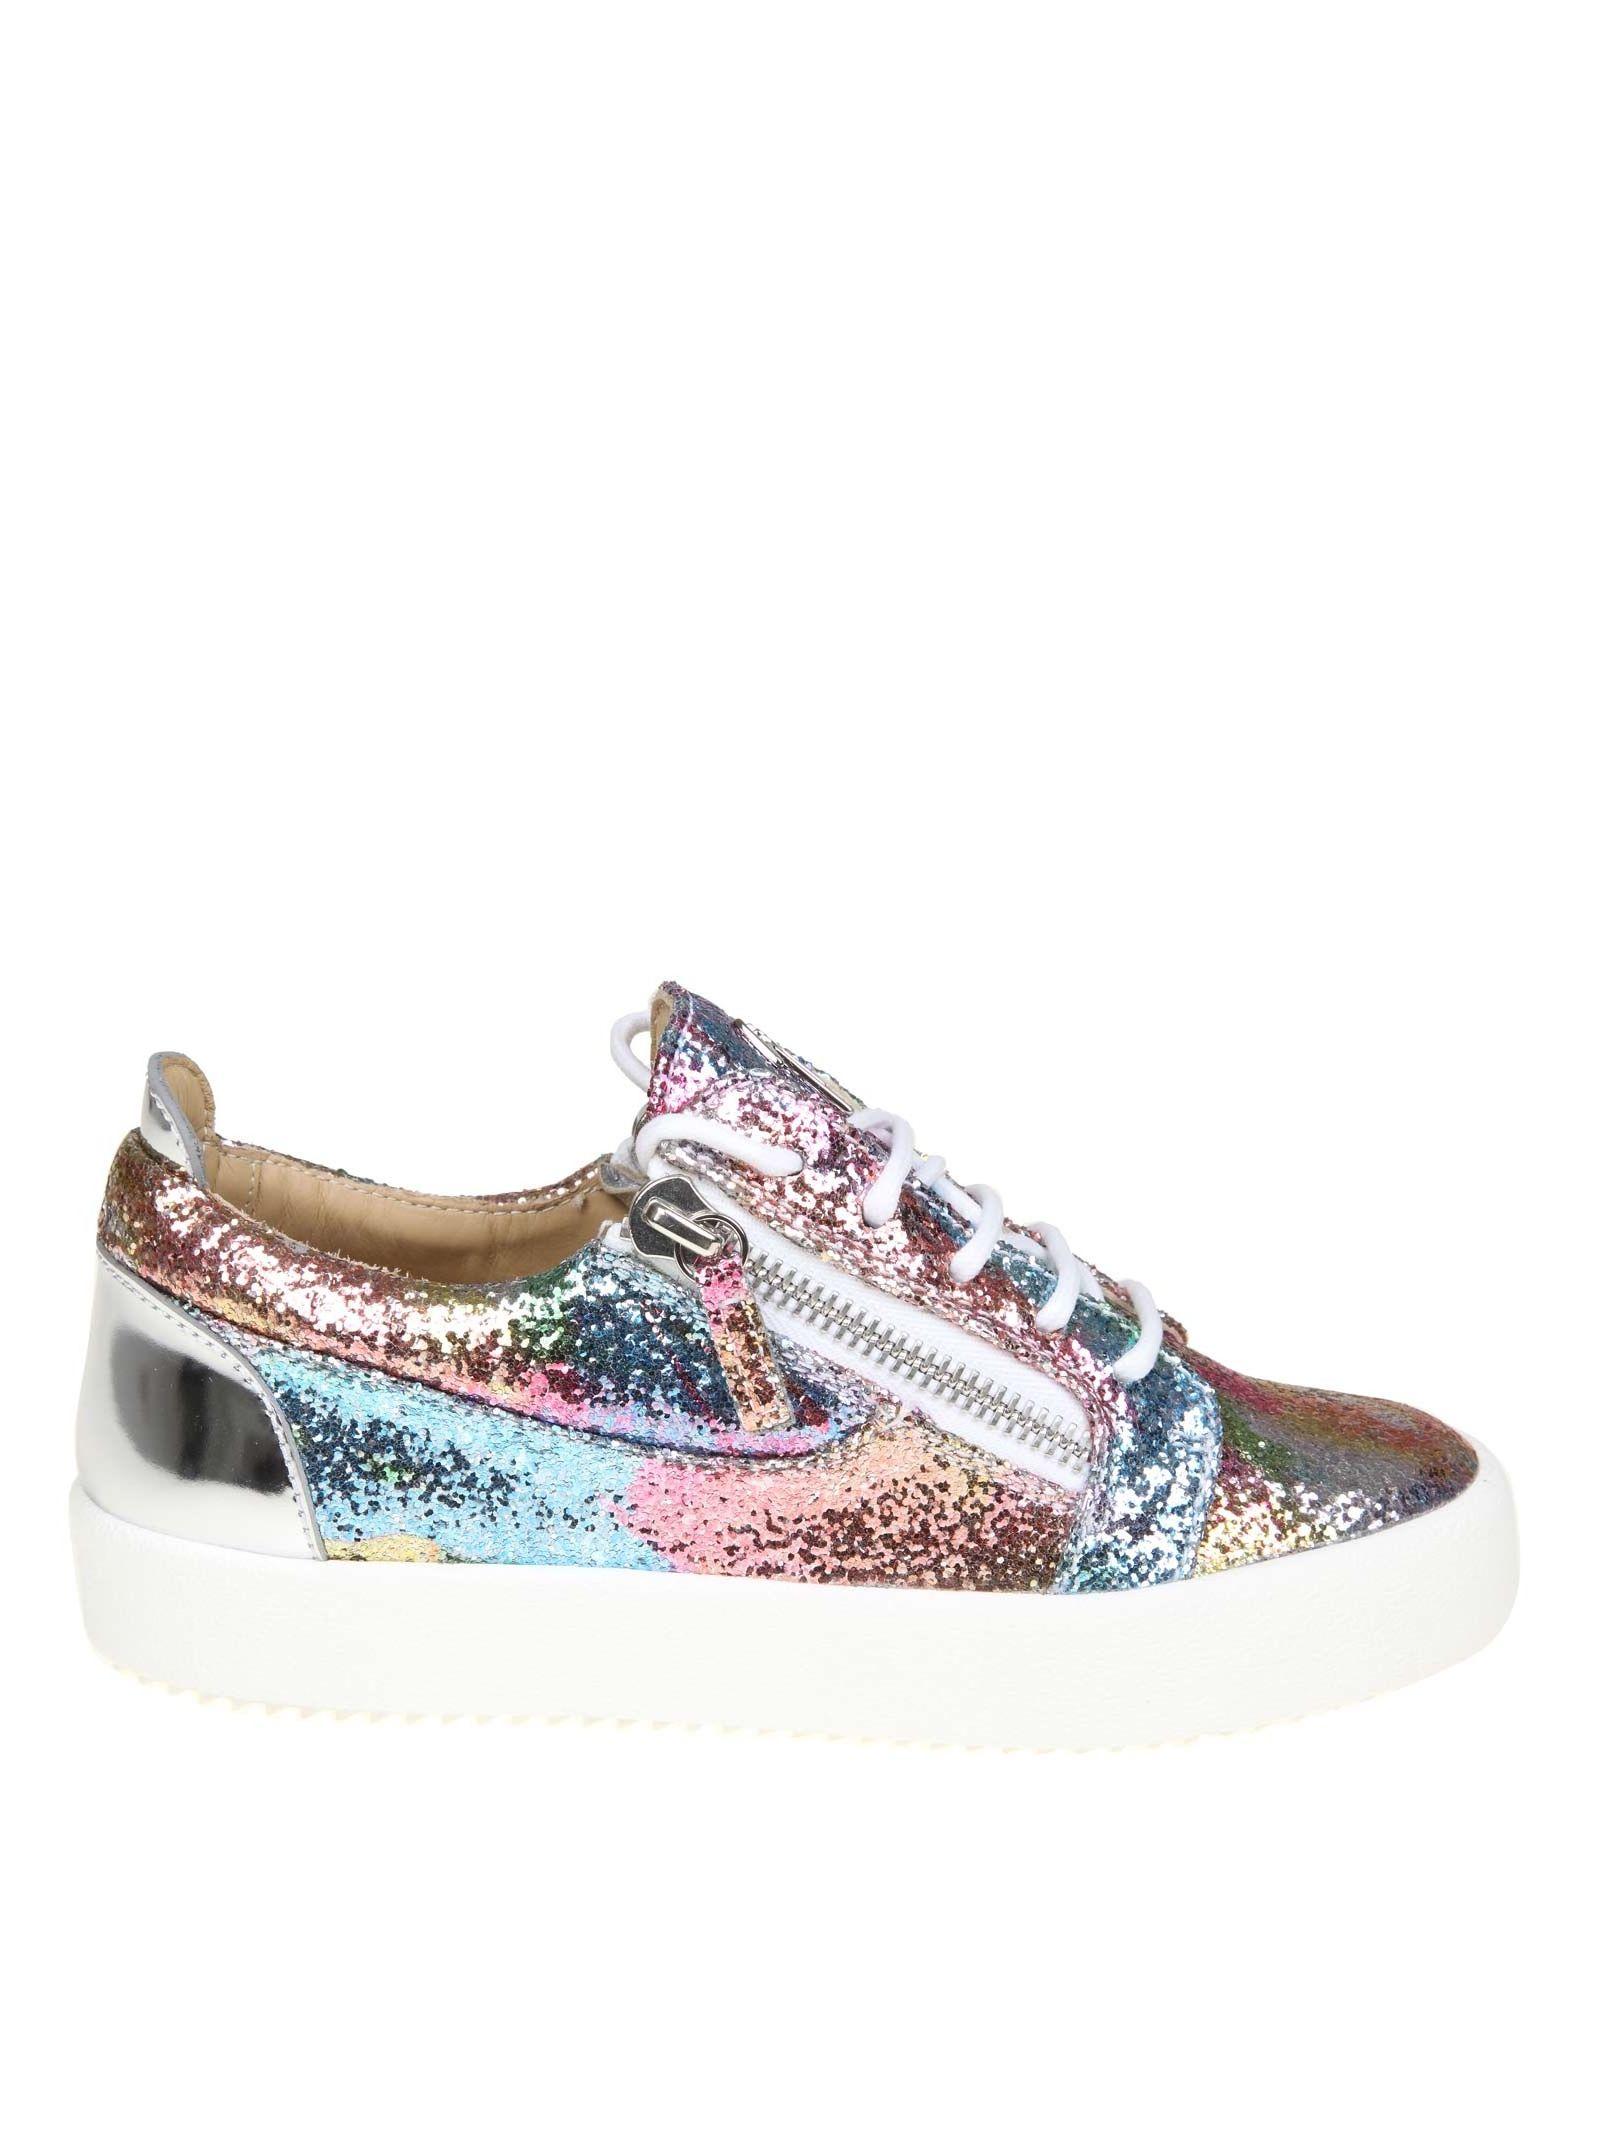 Sneakers Giuseppe Zanotti Fabric Glittery Multicolor